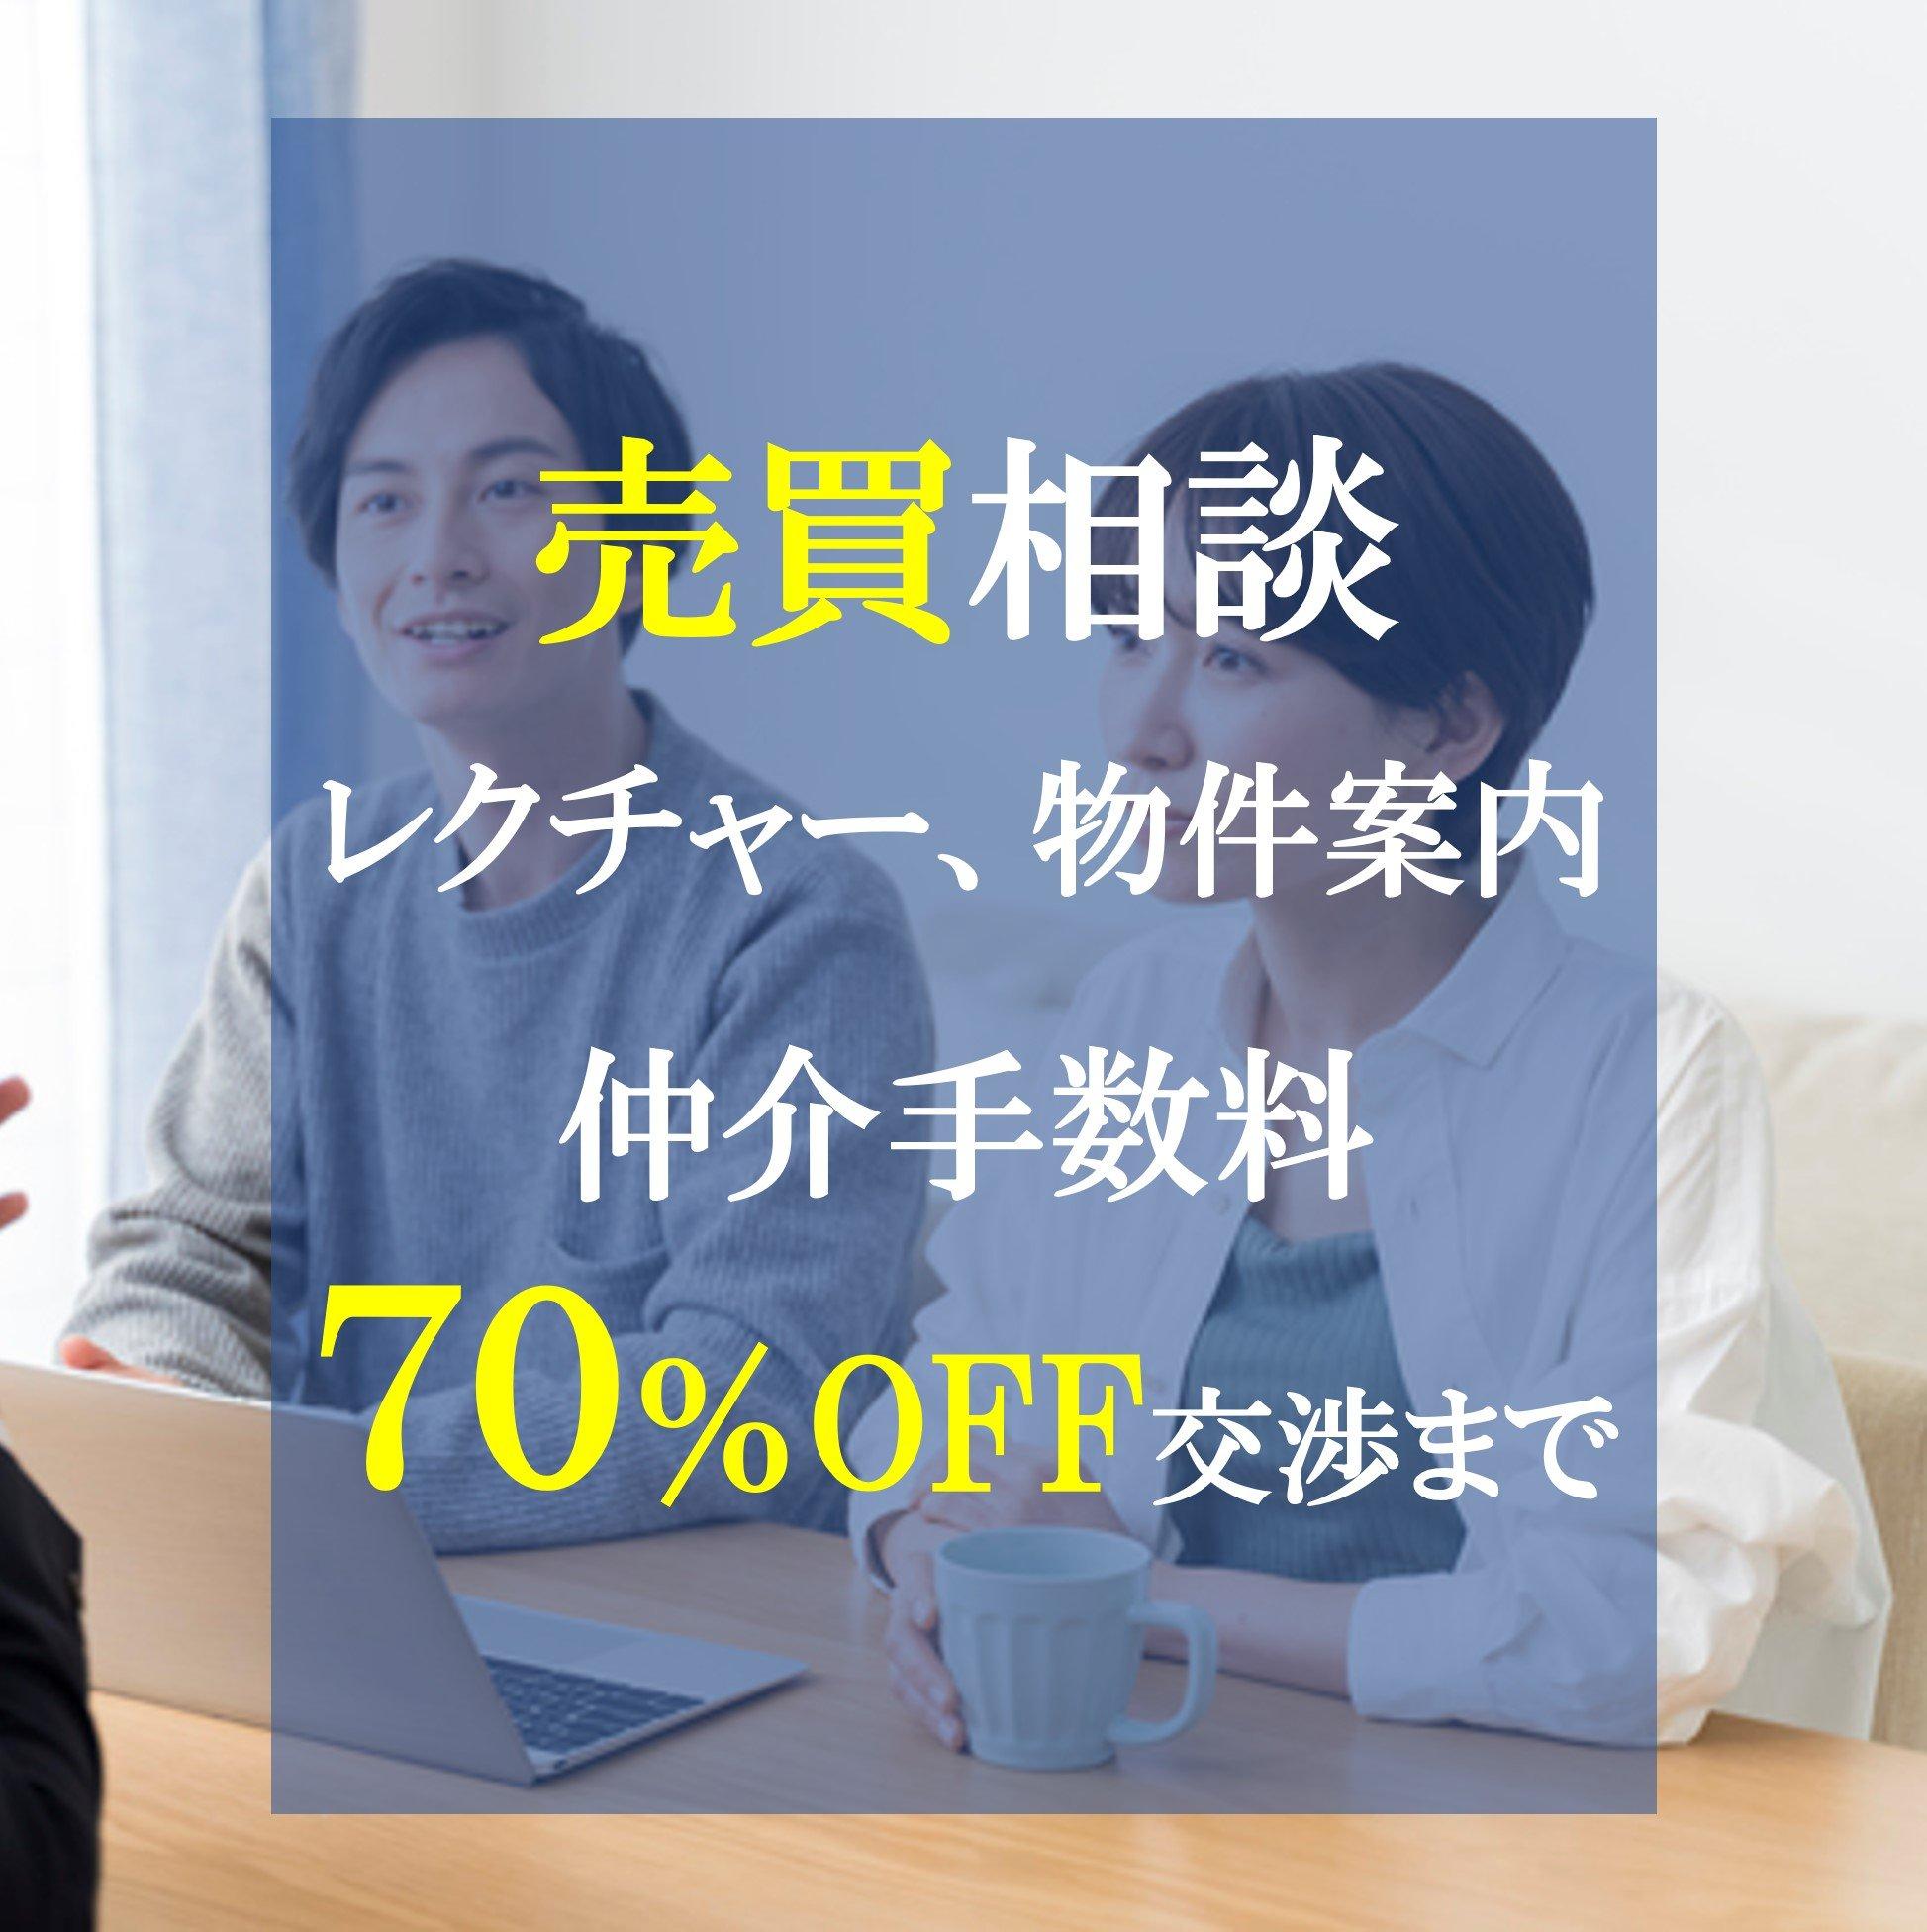 売買相談 レクチャーから仲介手数70%オフ交渉までのイメージその1